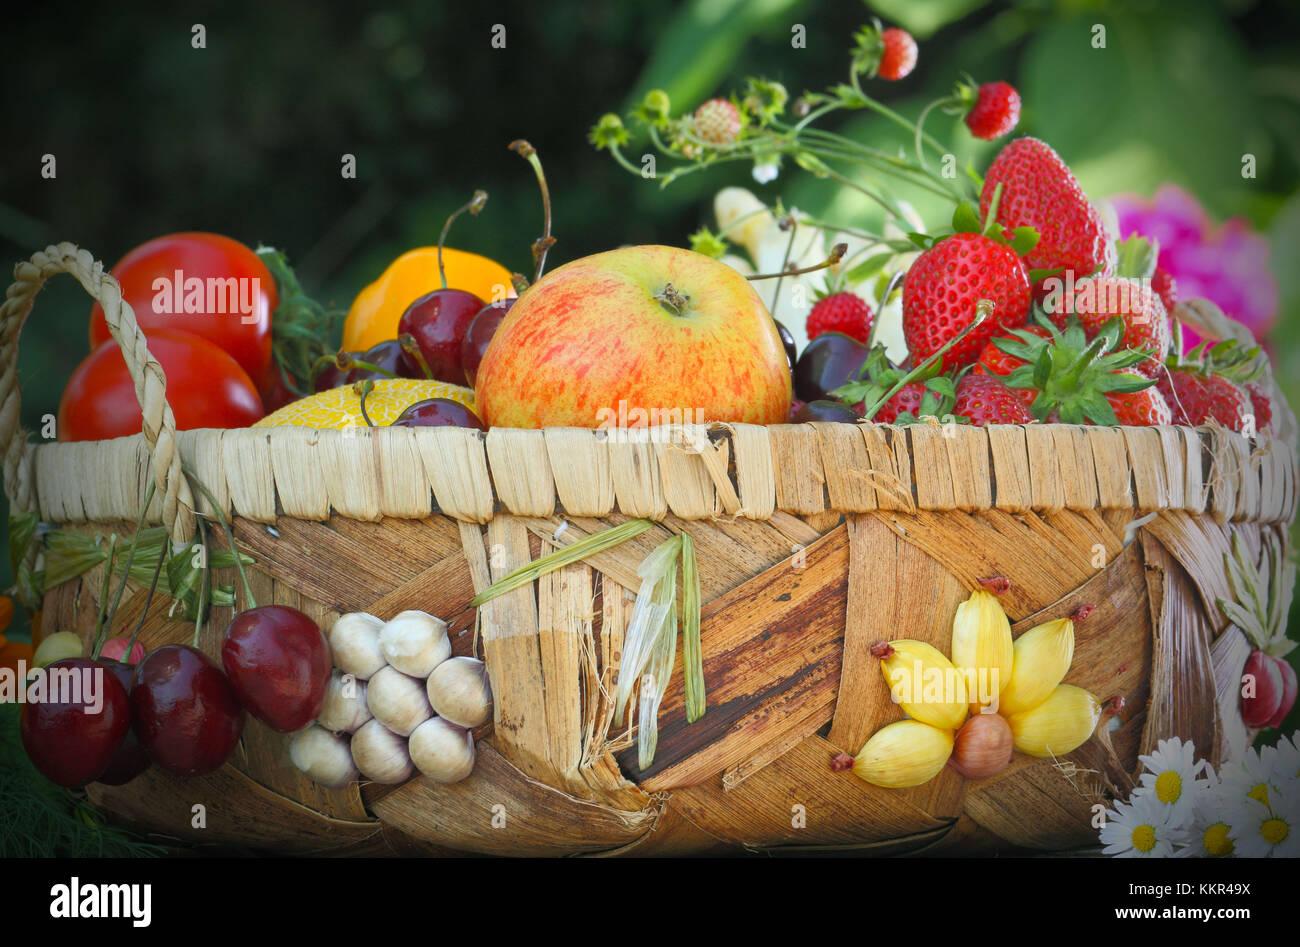 Summery fruit basket - Stock Image